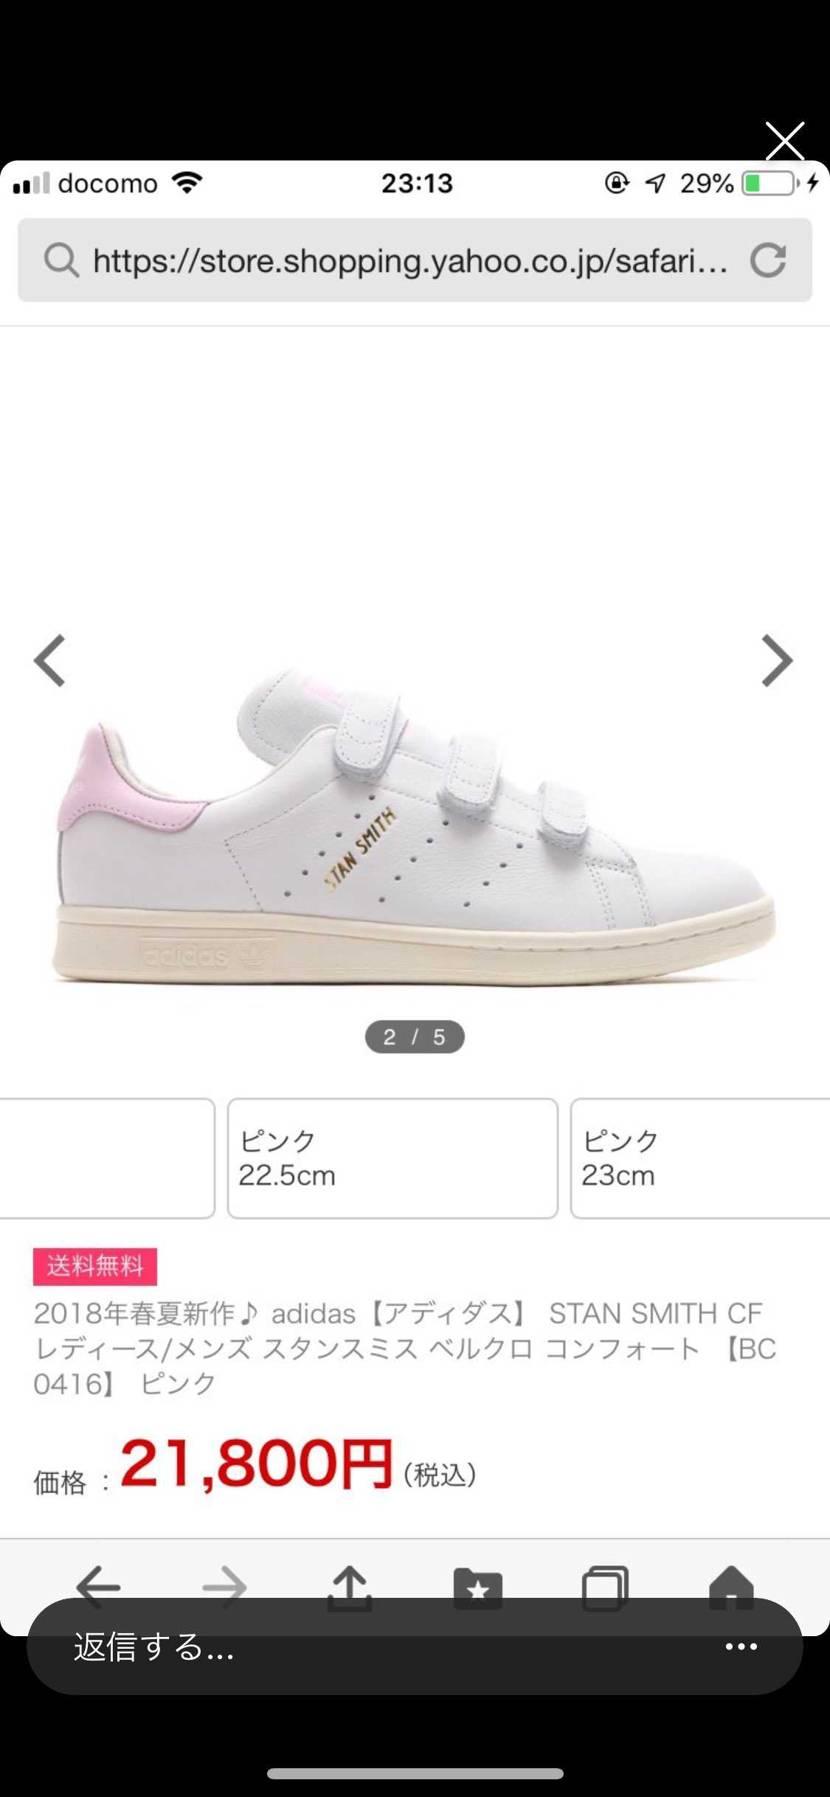 Abcマートのドレコの靴これも対象ですか〜?